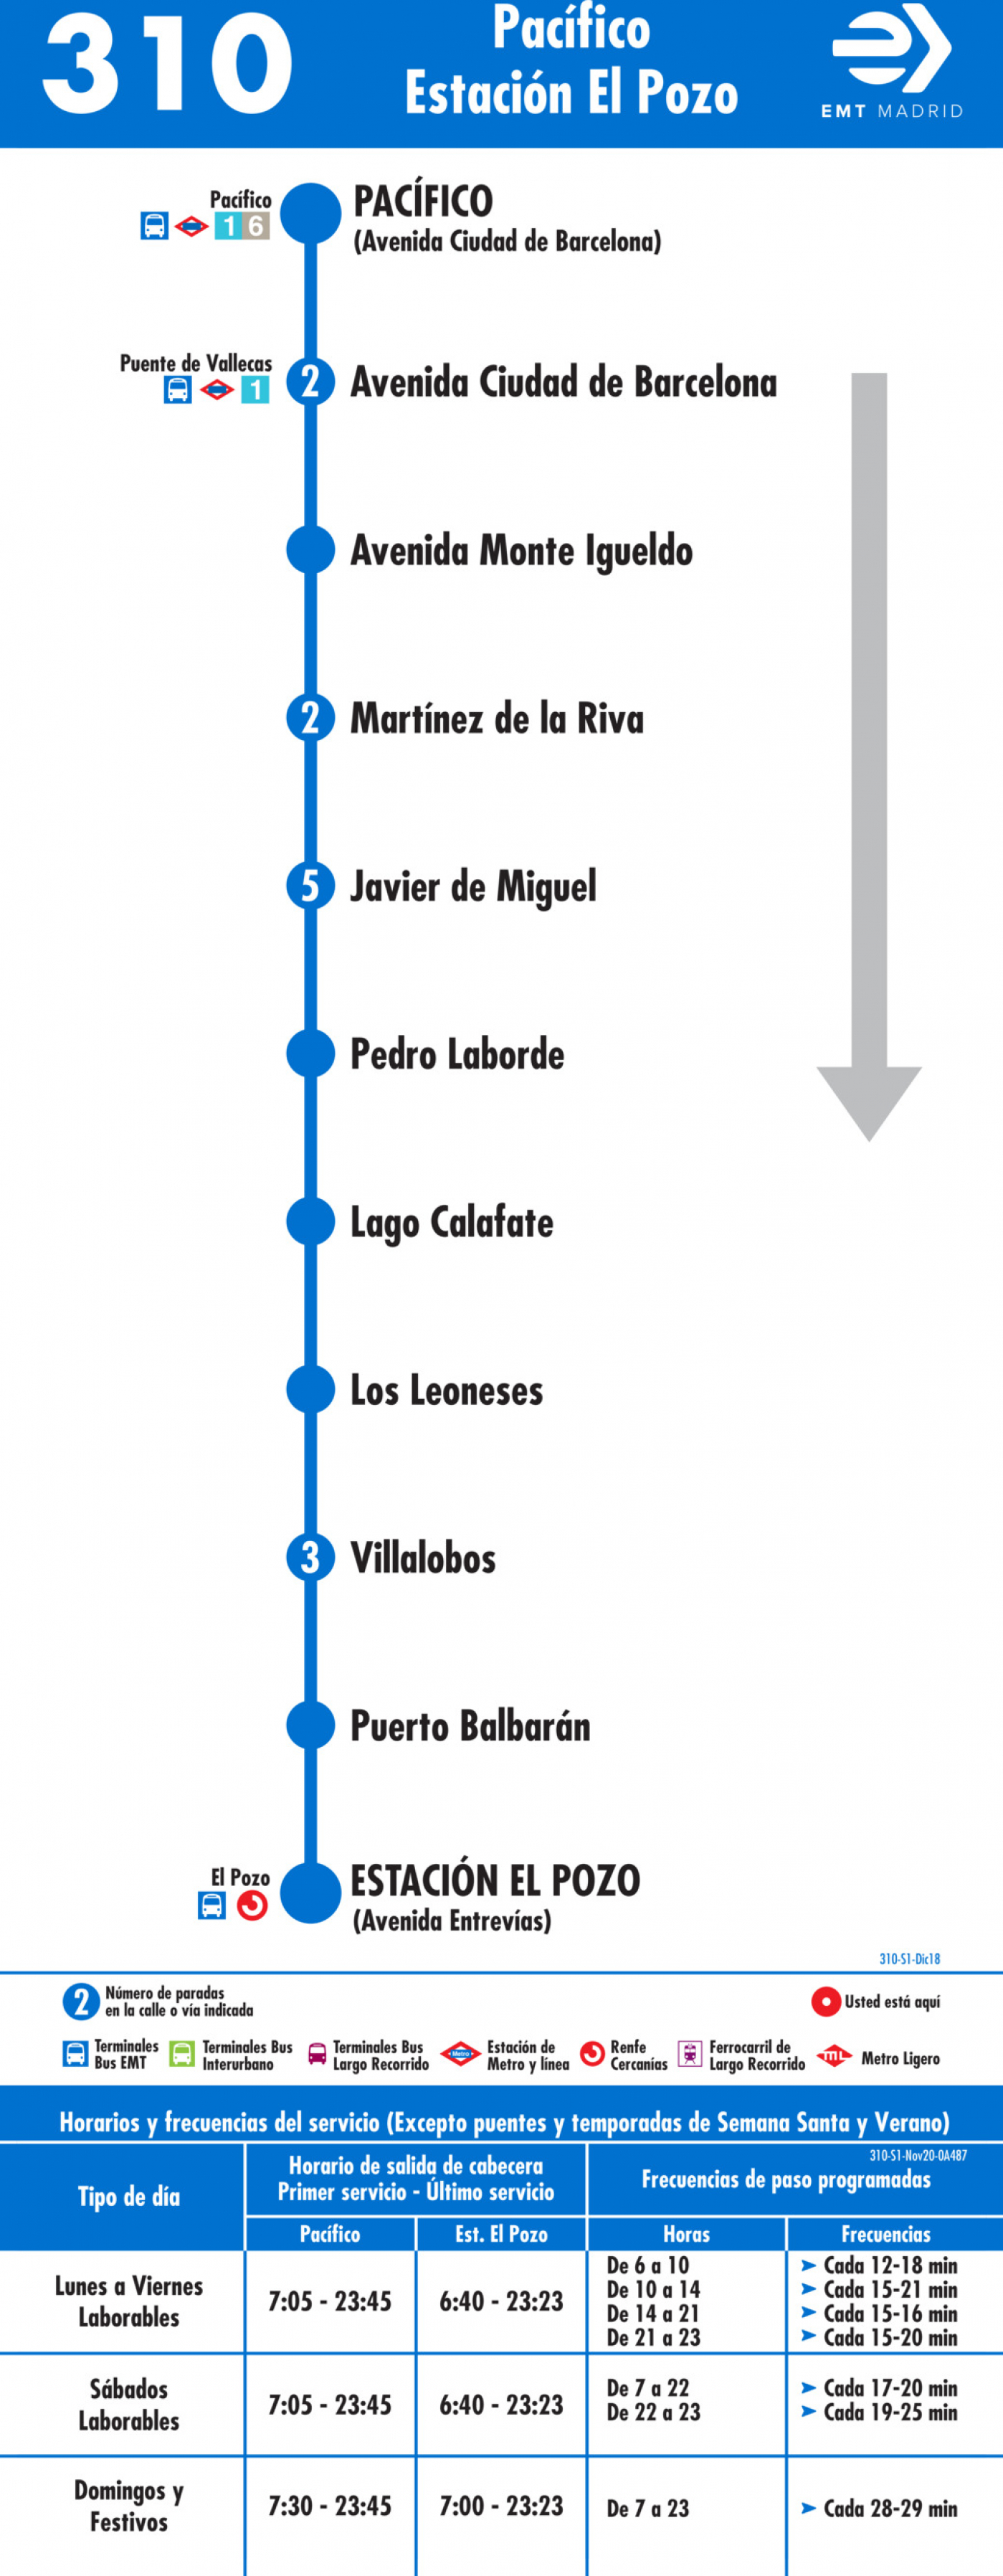 Tabla de horarios y frecuencias de paso en sentido ida Línea 310: Pacífico - Estación El Pozo